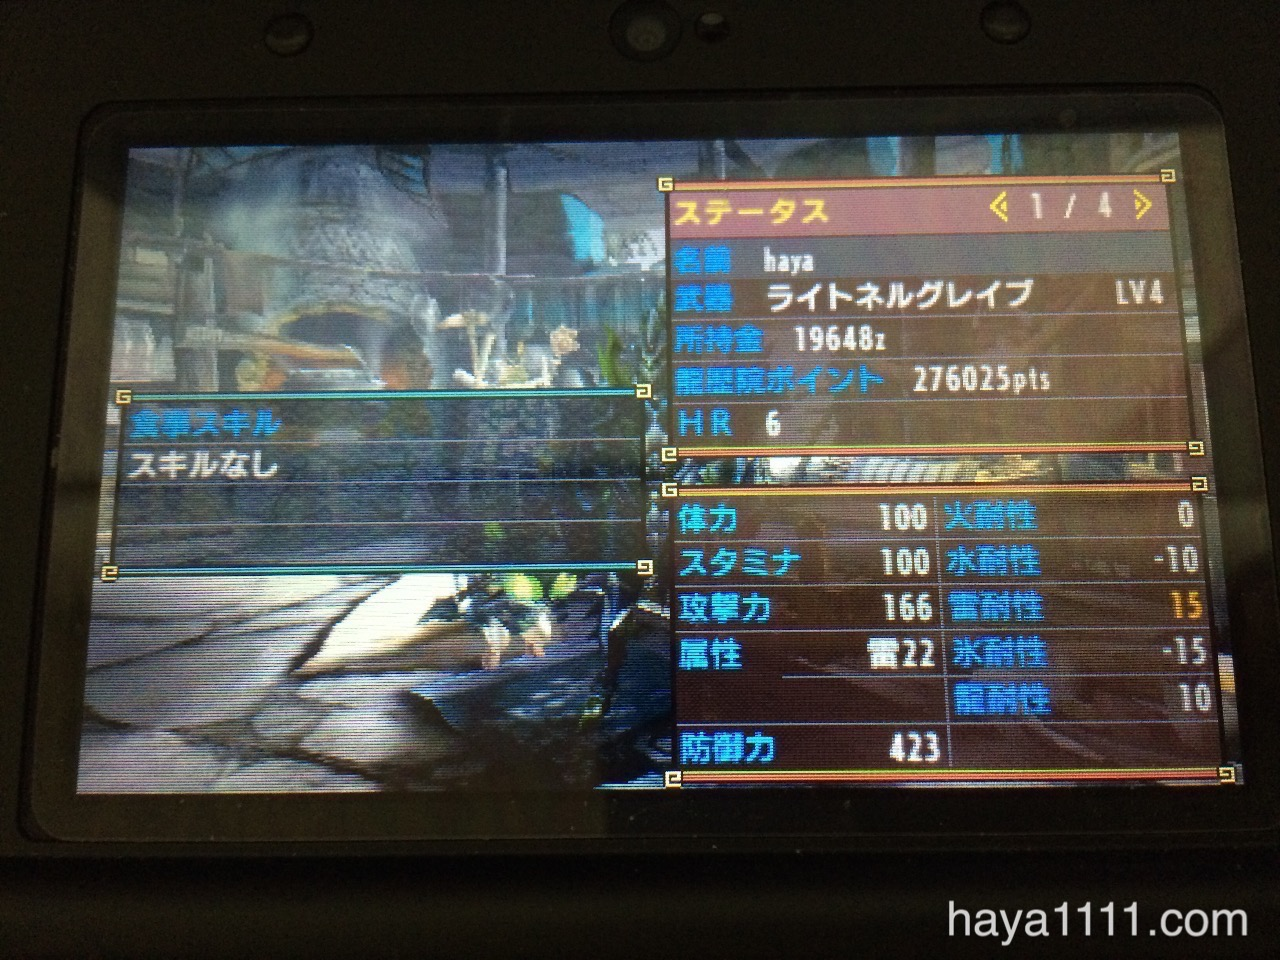 1216 monsterhunter X5